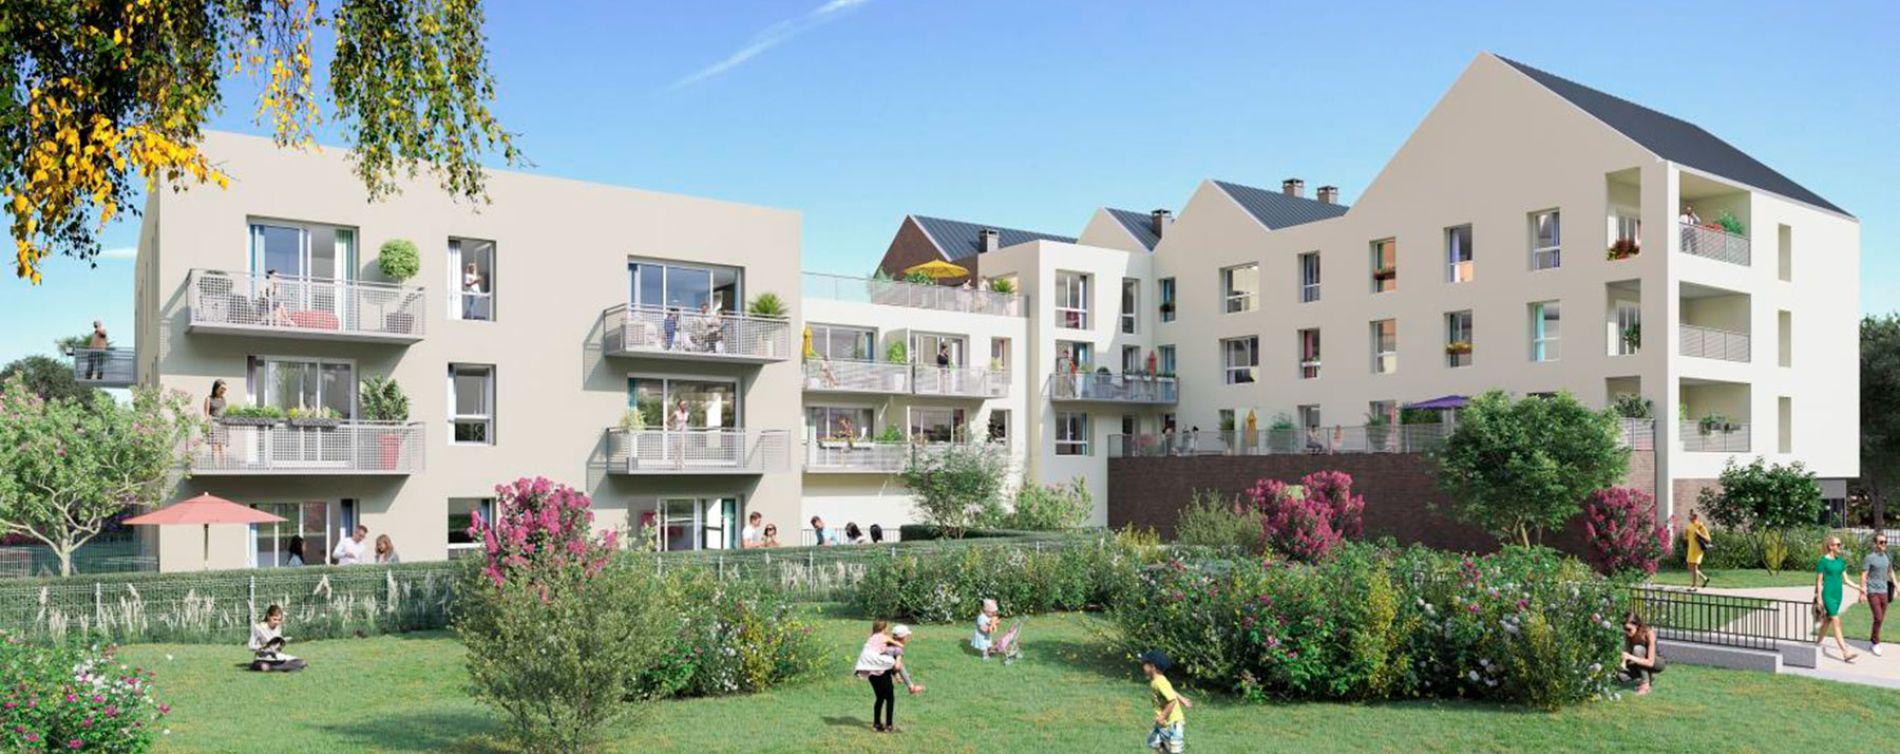 Résidence Grand Sud 2 à Chambray-lès-Tours